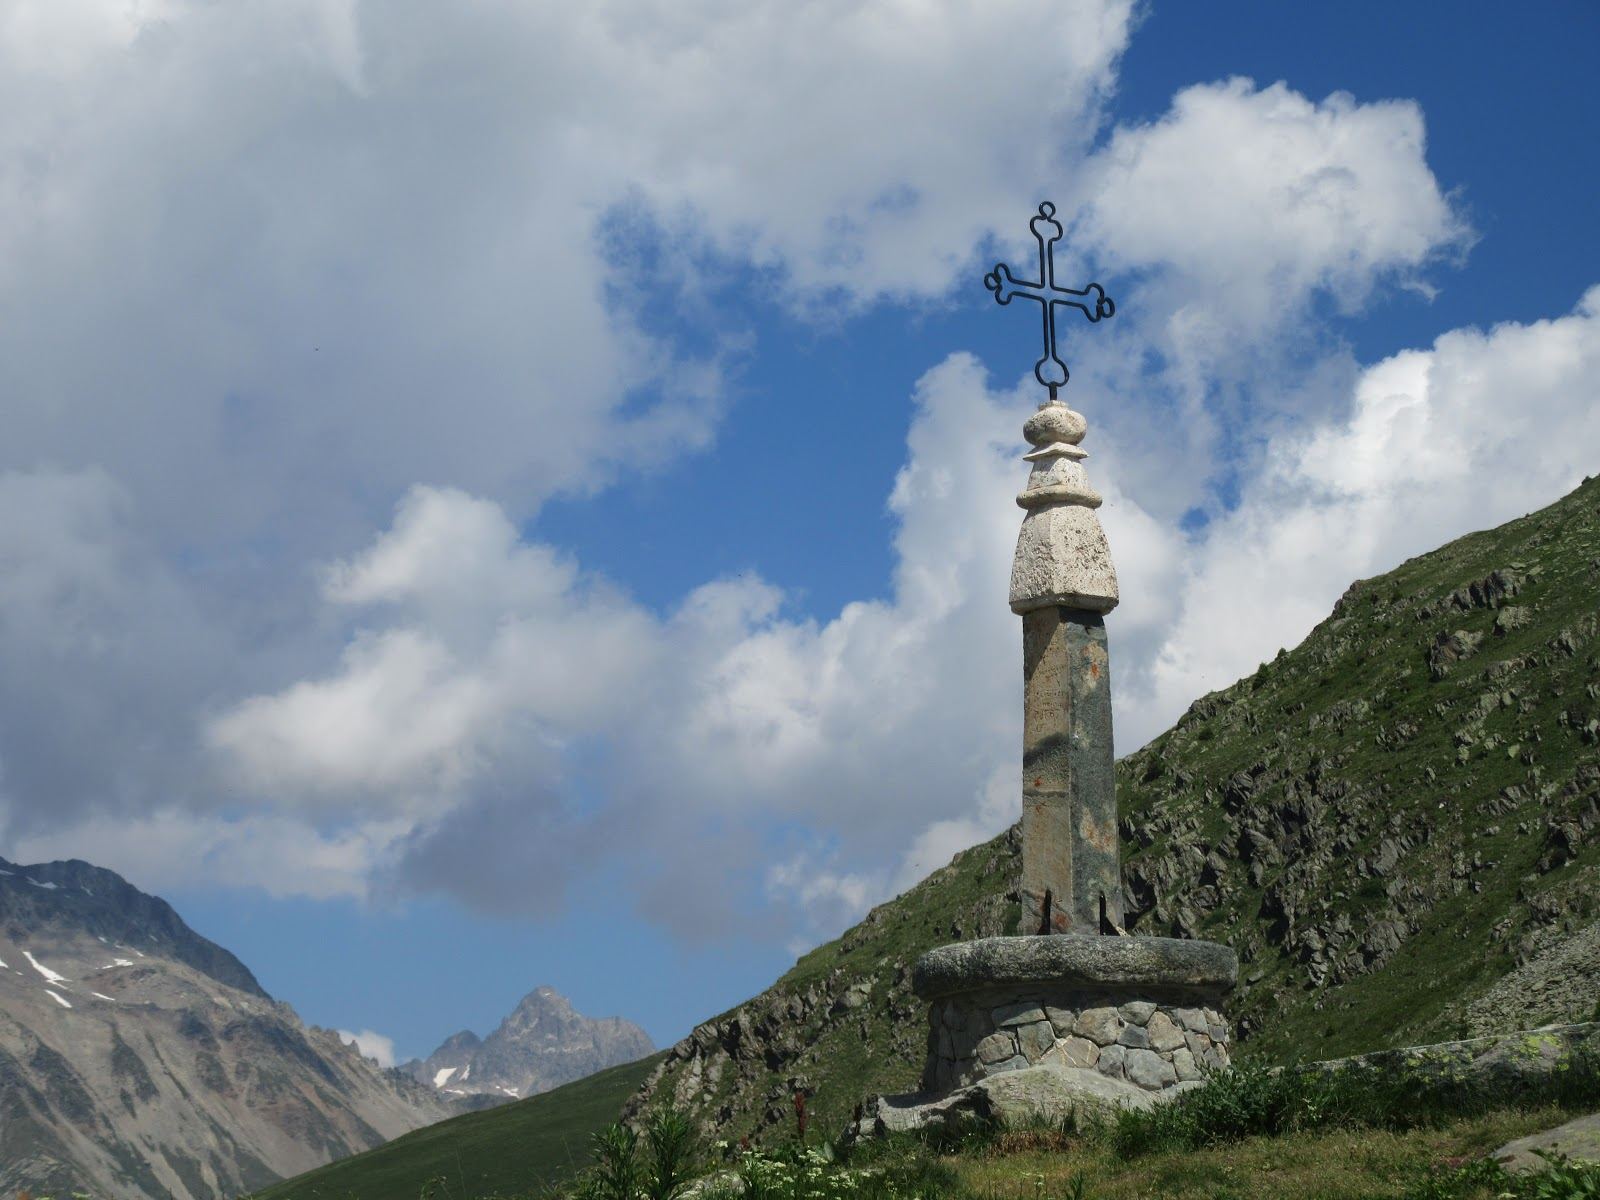 Cycling Col de la Croix de Fer, Saint-Jean-de-Maurienne - the iron cross, sky and mountain